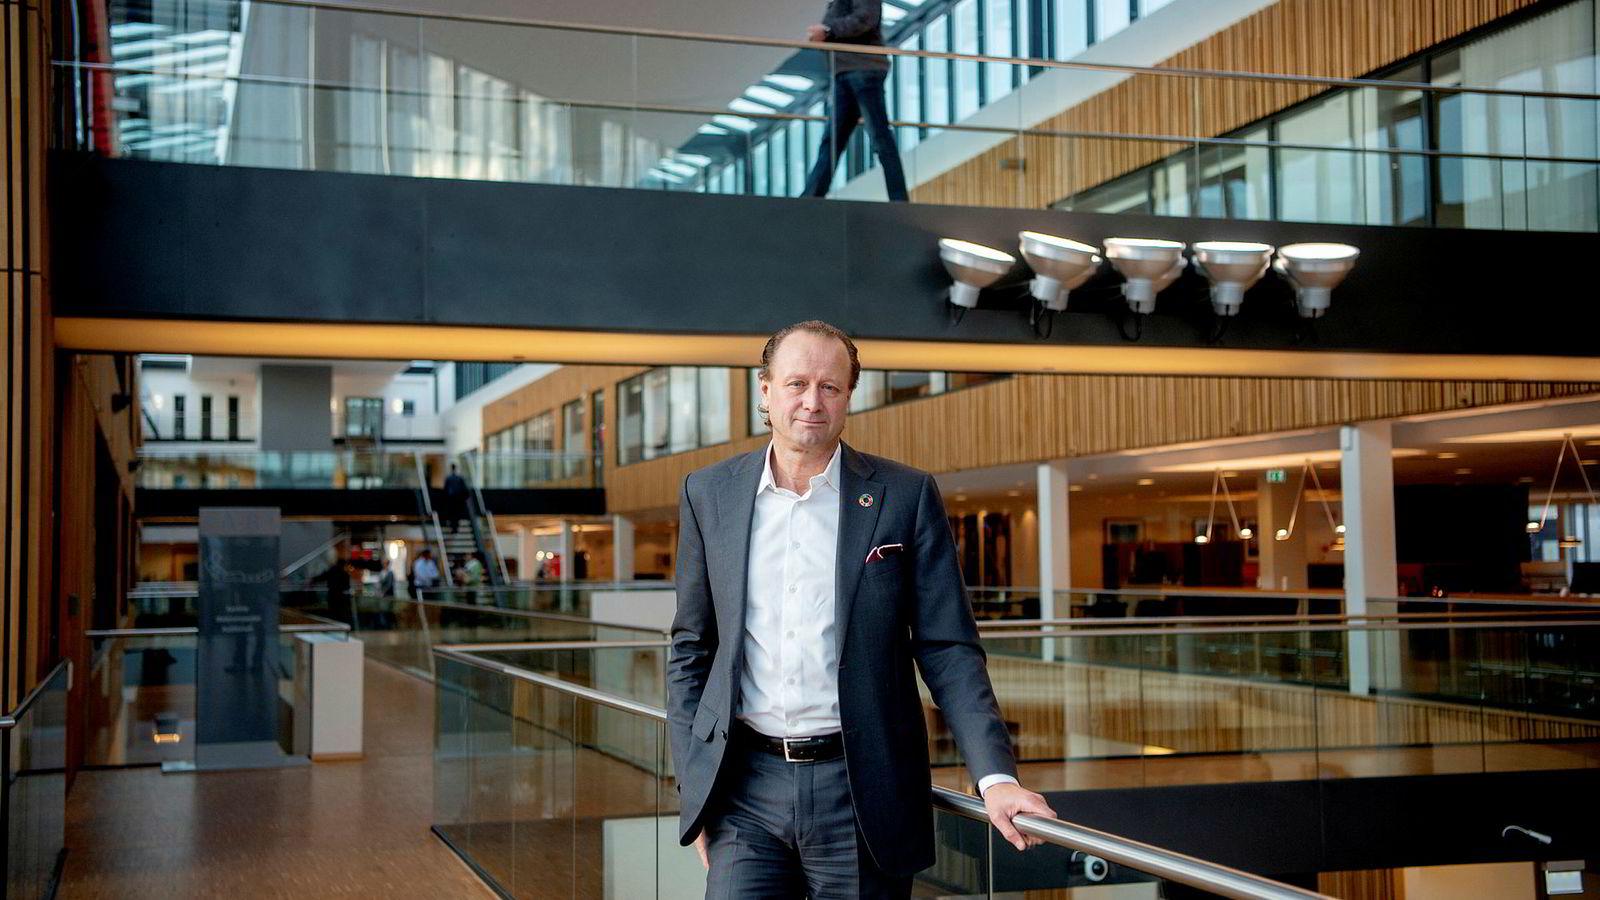 Konserndirektør Jan Erik Saugestad i Storebrand mener klimadebatten kan ha satt likestillingskampen i skyggen.